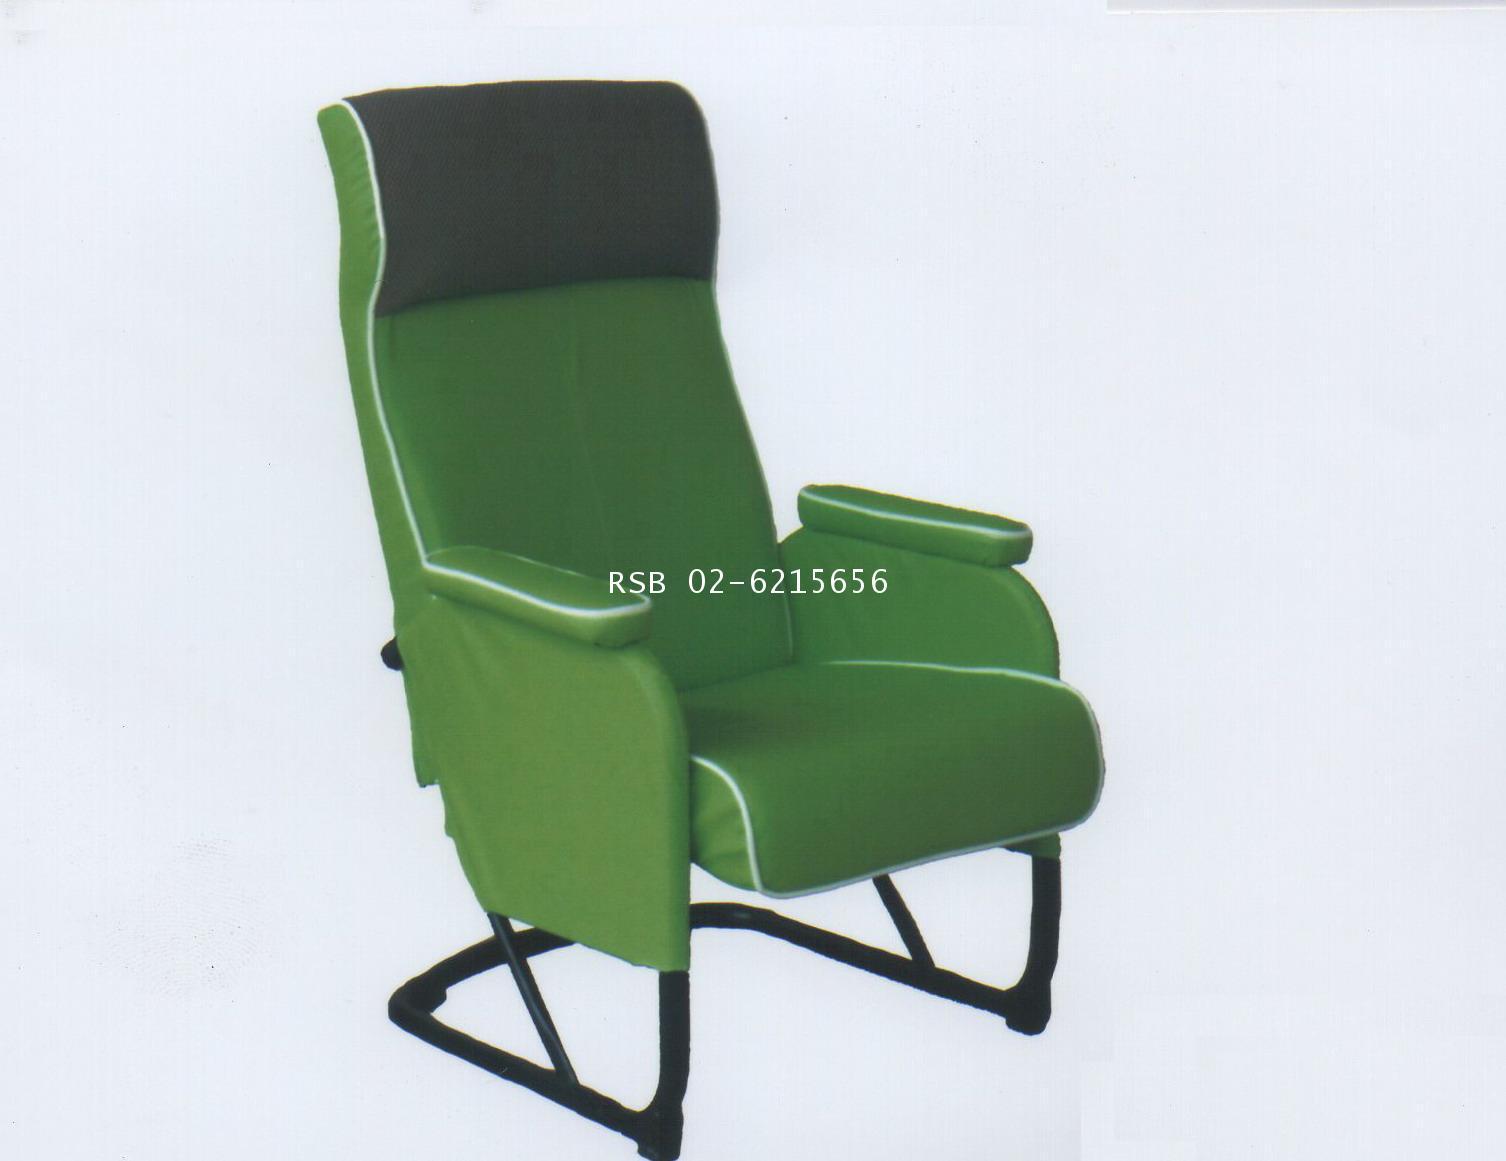 เก้าอี้พักผ่อน เก้าอี้อินเตอร์เน็ท รหัส 85